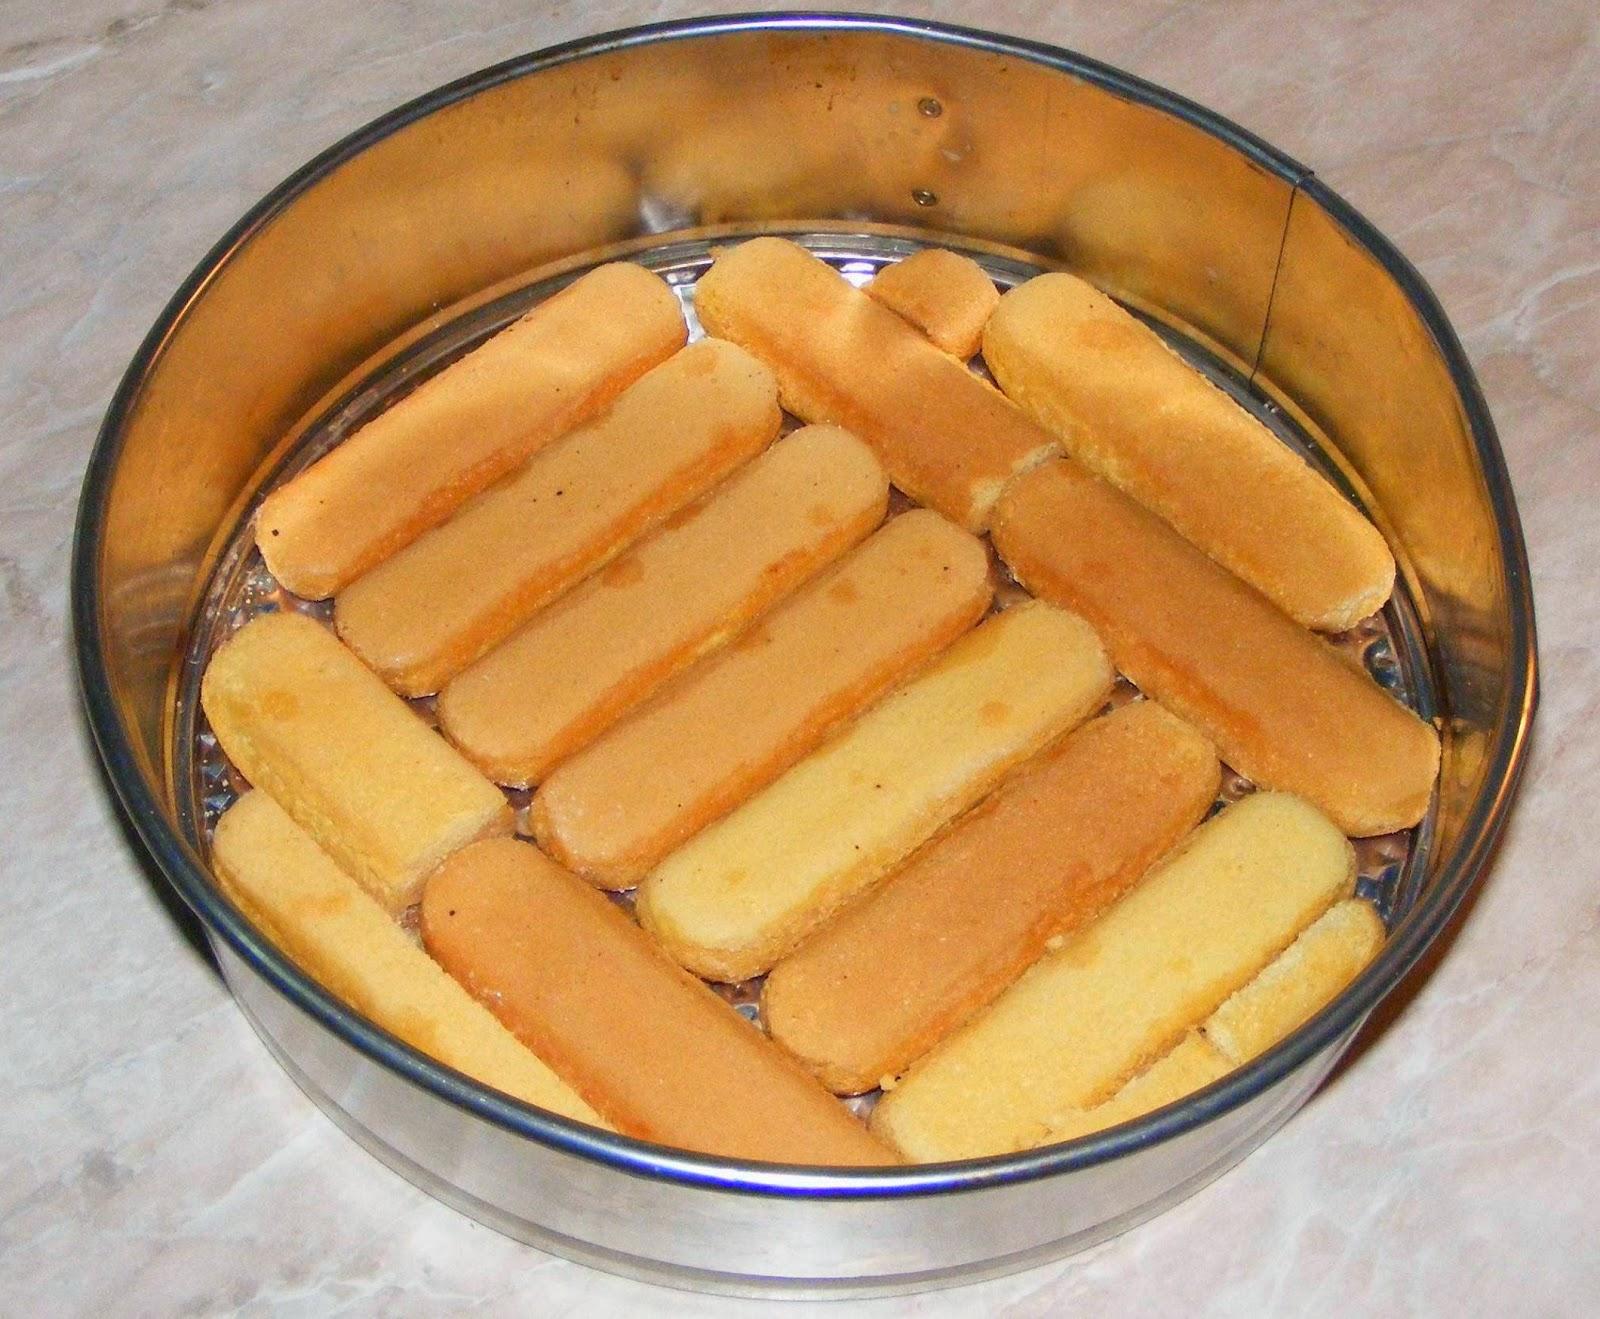 preparare tort de visine si piscoturi, cum se prepara si oeneaza un tort cu visine si piscoturi, retete si preparate culinare dulciuri si prajituri si torturi cu fructe de casa,